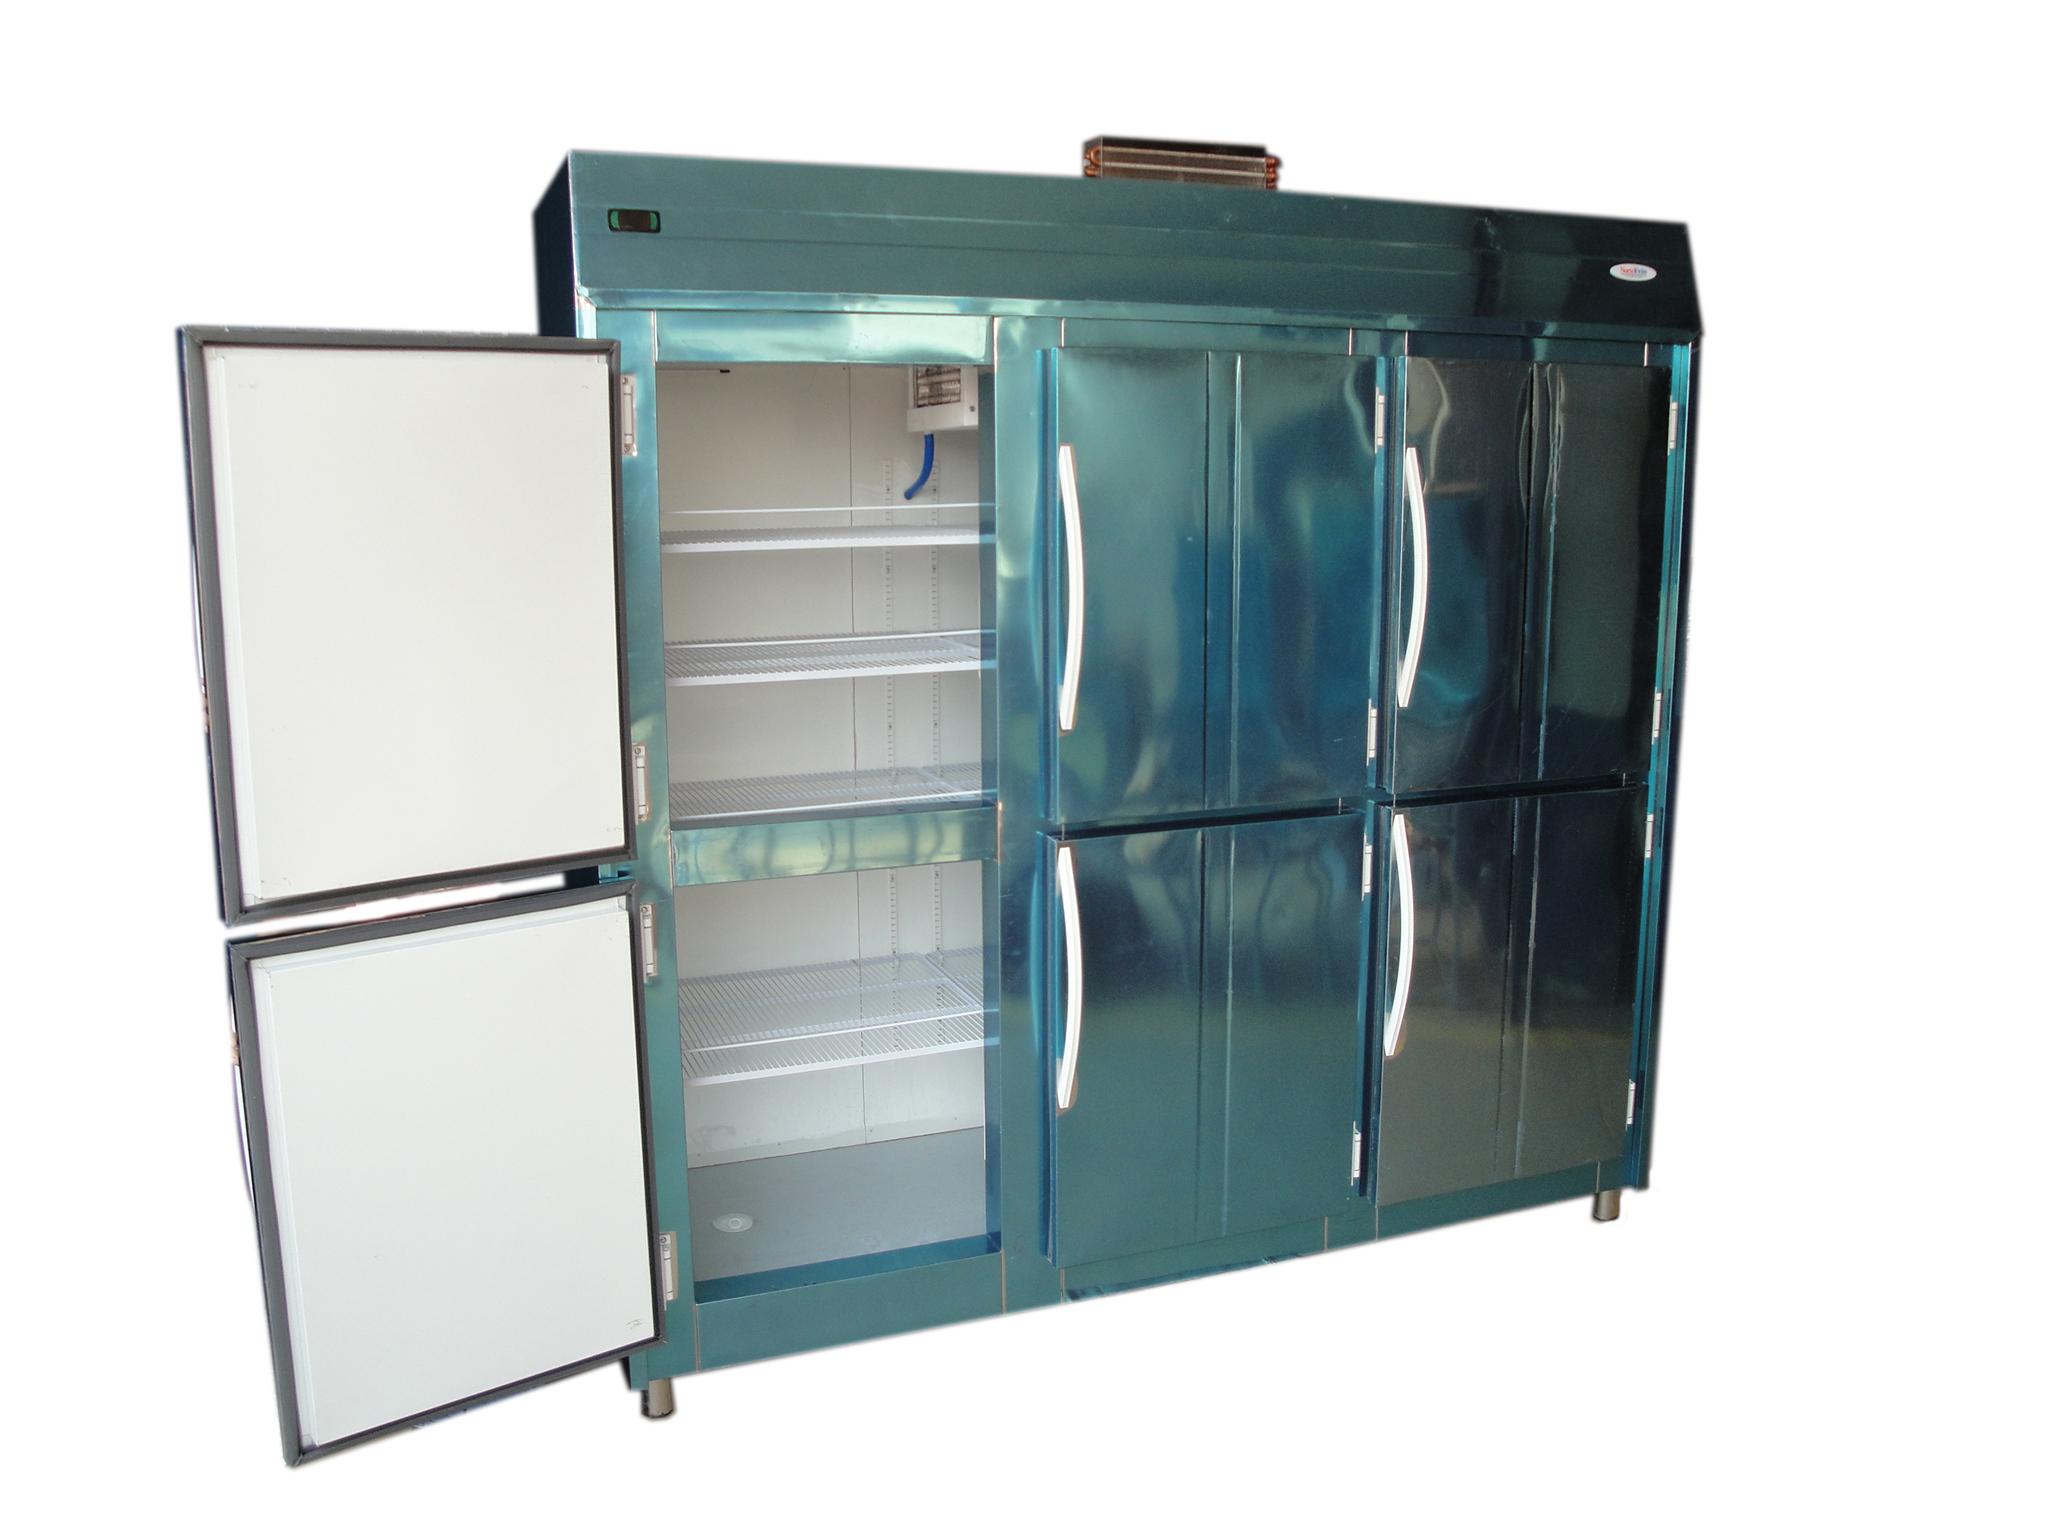 Restaurantes E Lanchonetes Norte Frio Refrigeradores Comerciais